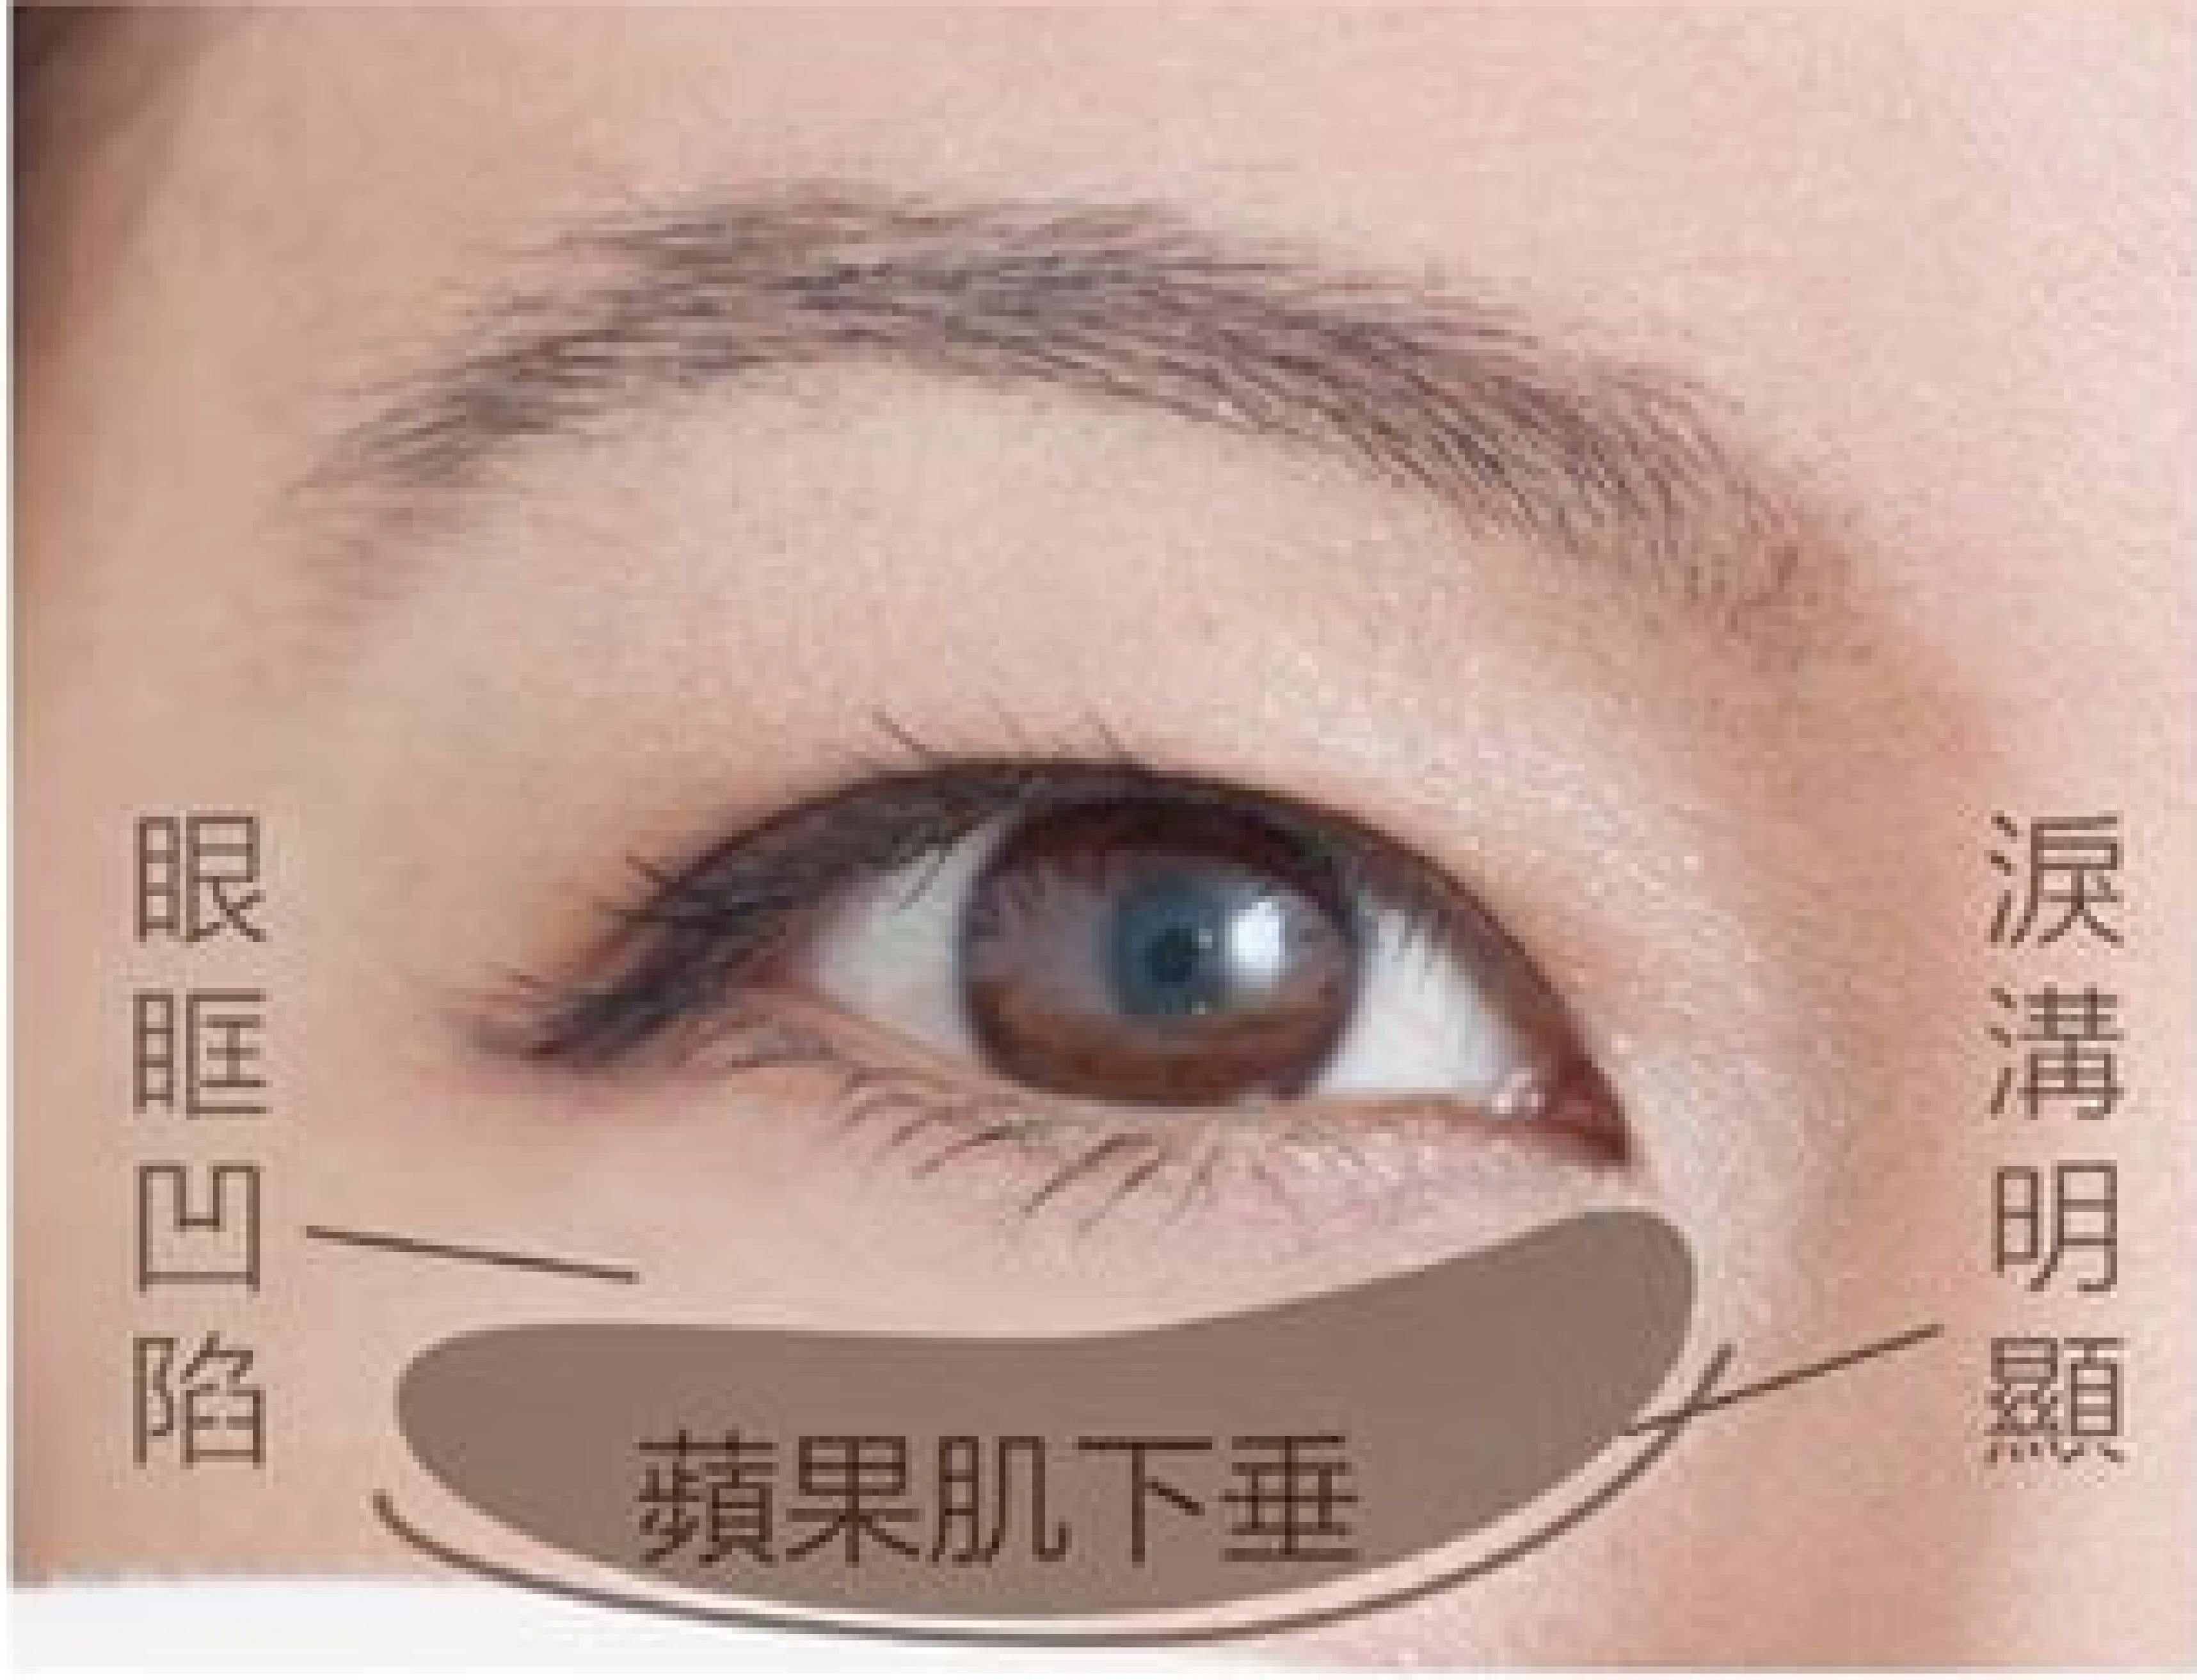 結構型黑眼圈